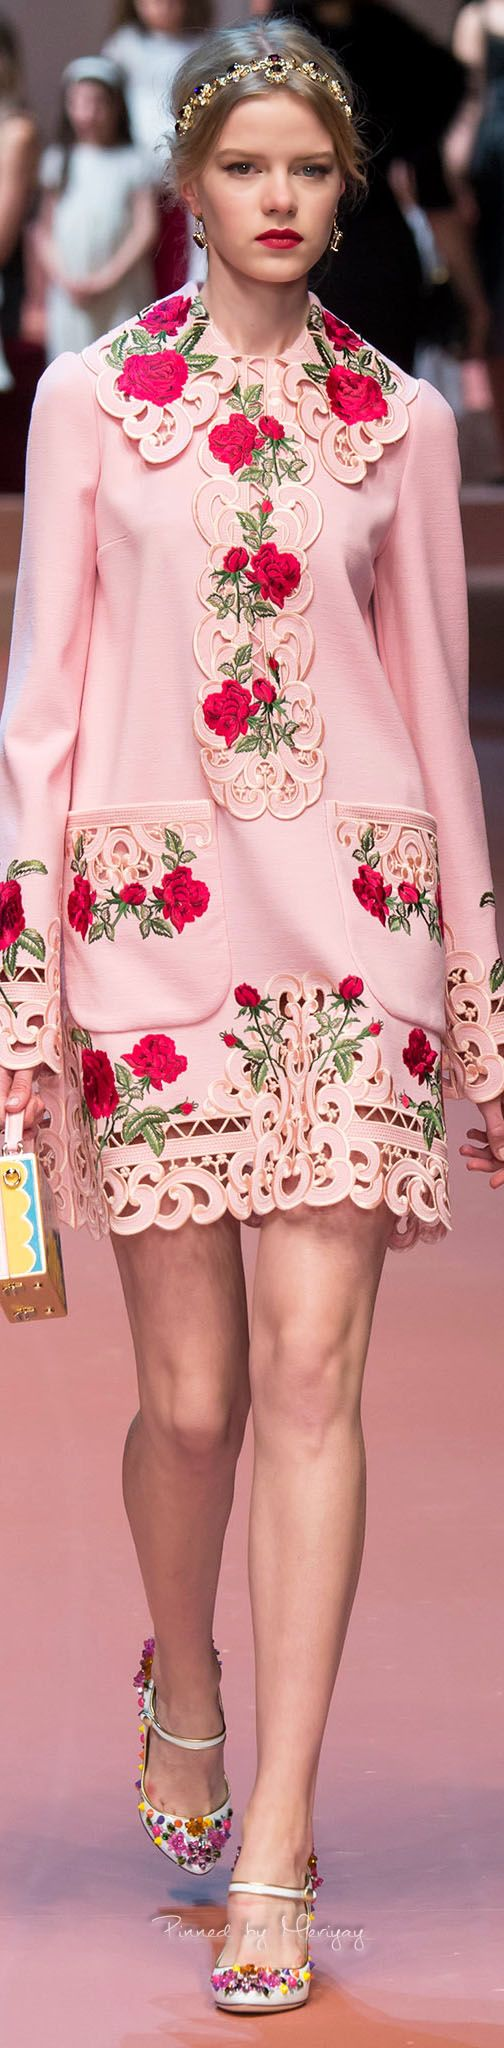 Dolce & Gabbana, Fall 2015 https://www.pinterest.com/SamaraRich/beuatiful-pink/